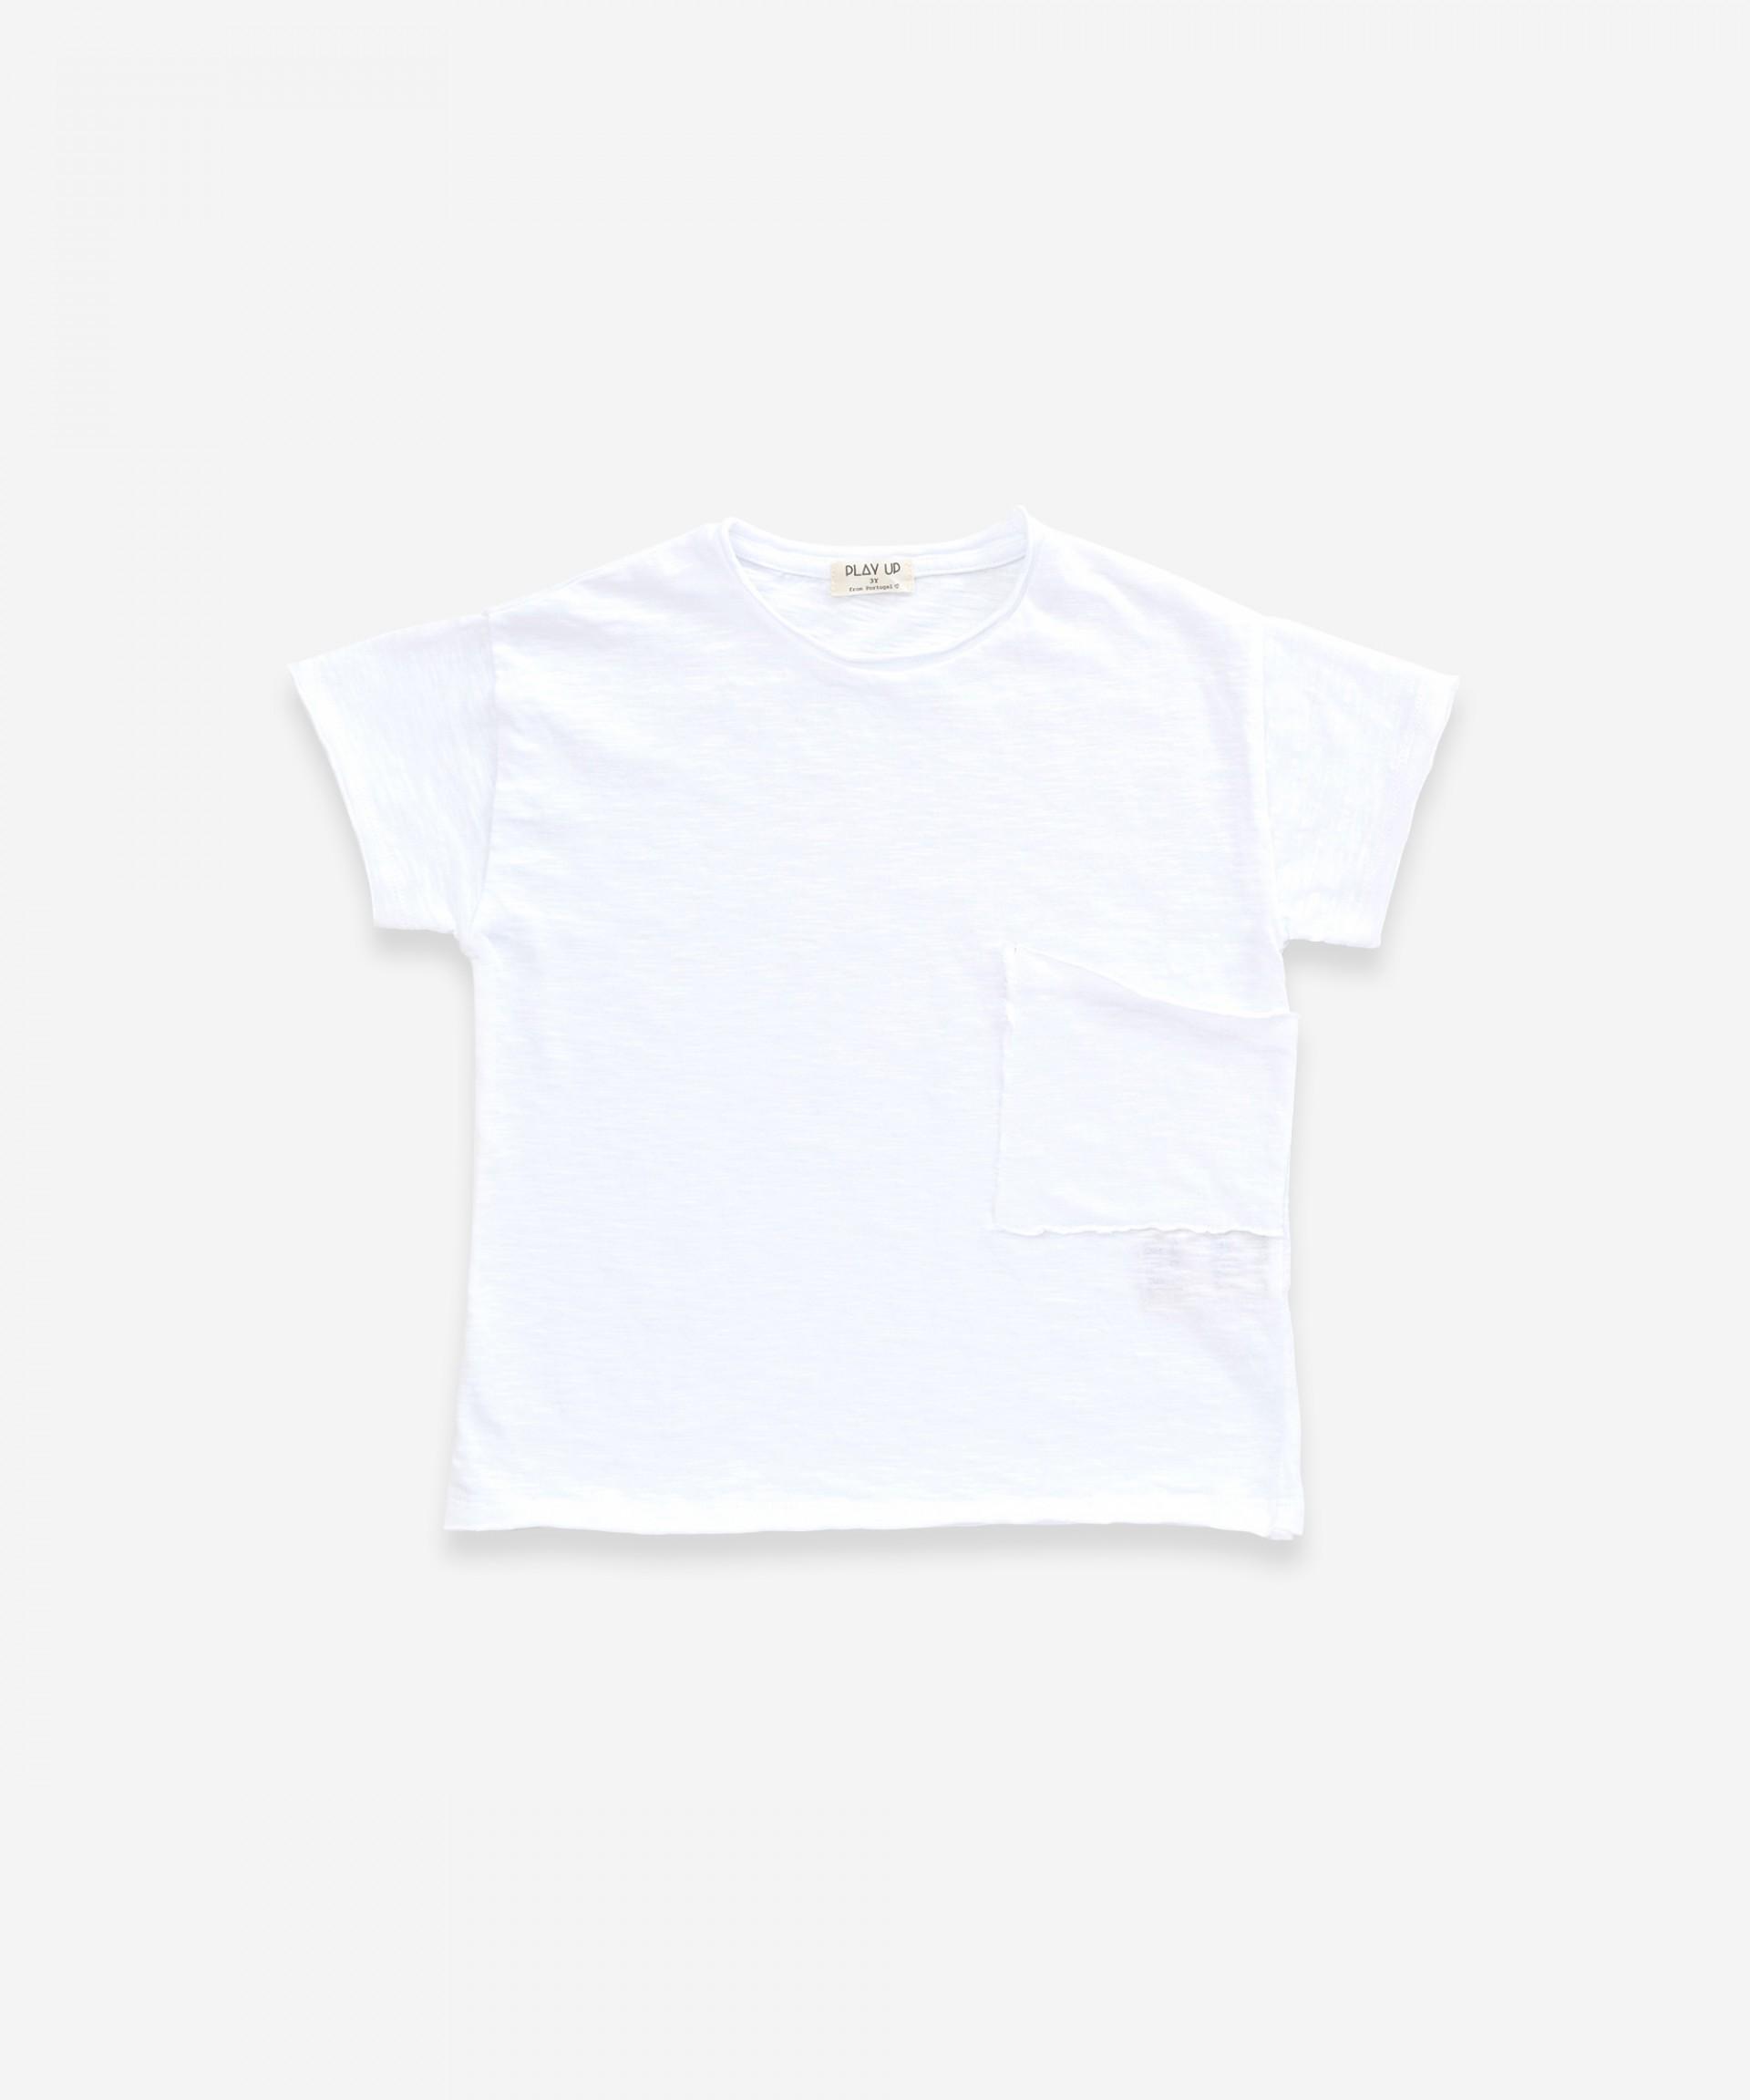 Camiseta con bolsillo de algodón orgánico | Weaving